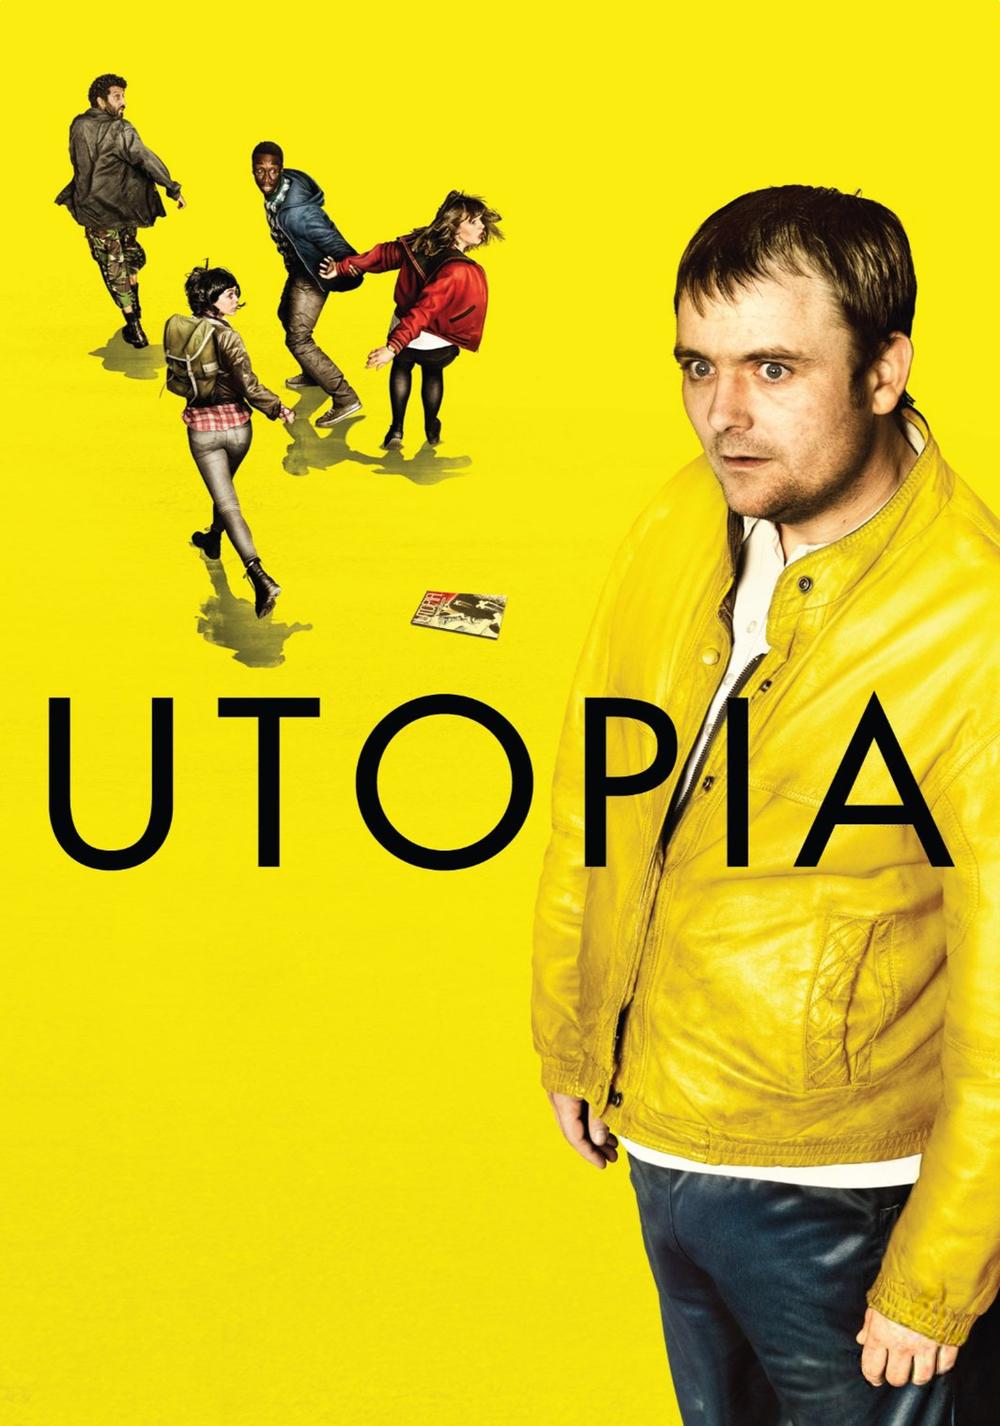 Utopia | TV fanart | fanart.tv